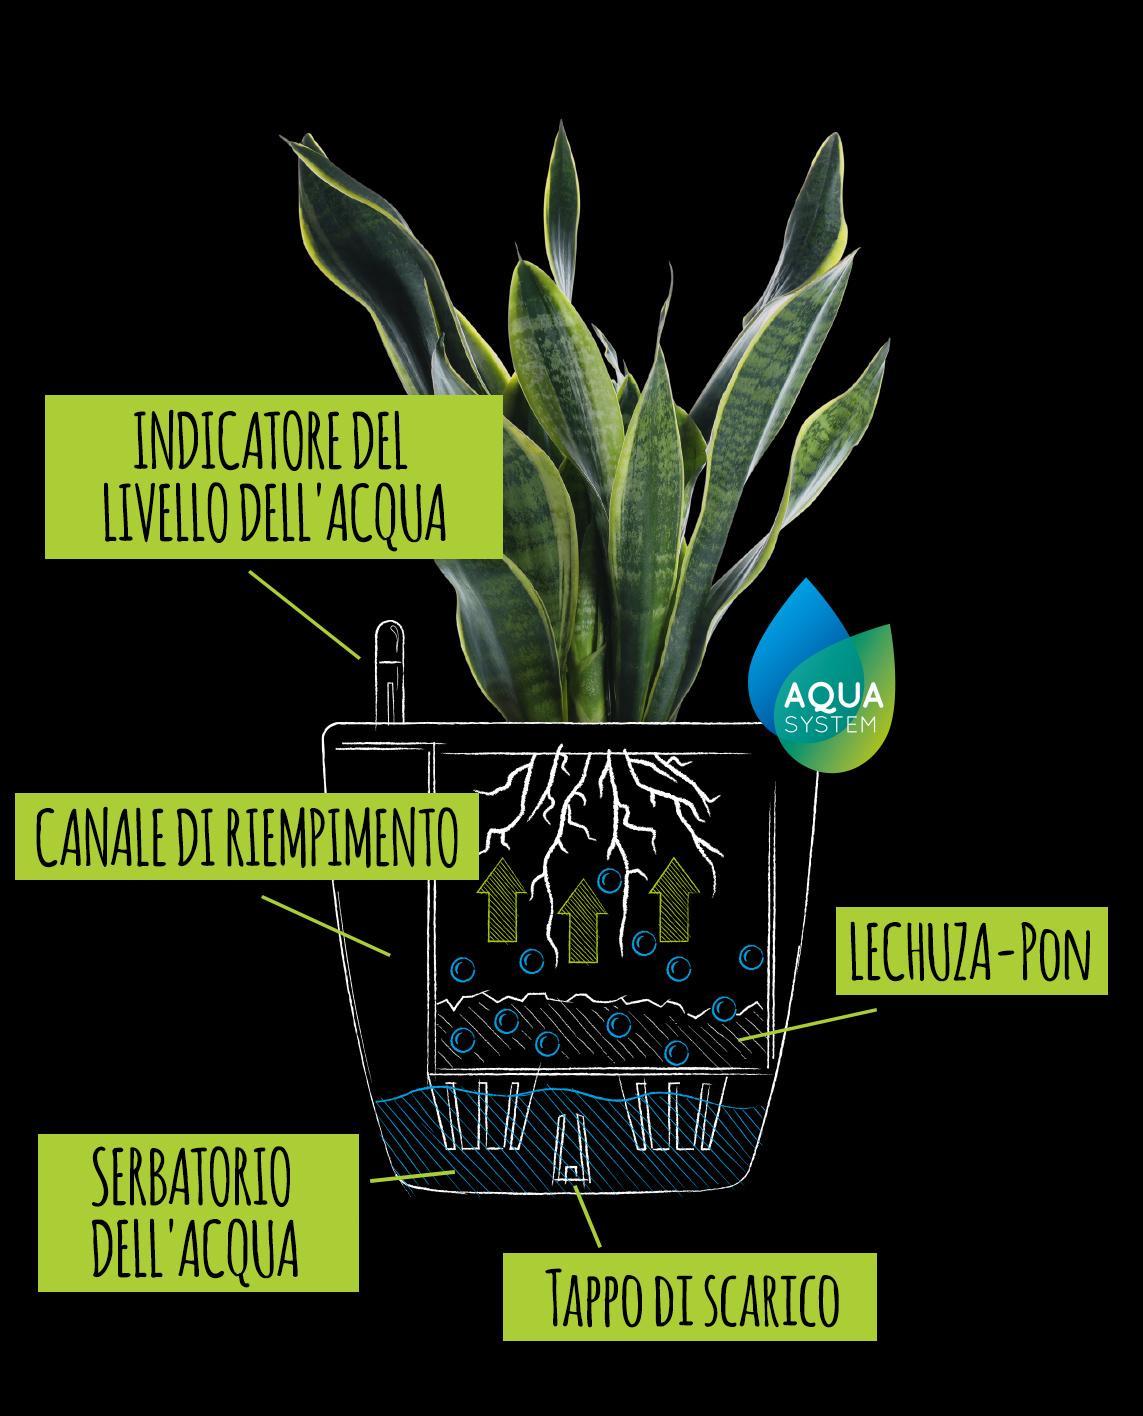 Disegno con spiegazione del classico sistema di irrigazione